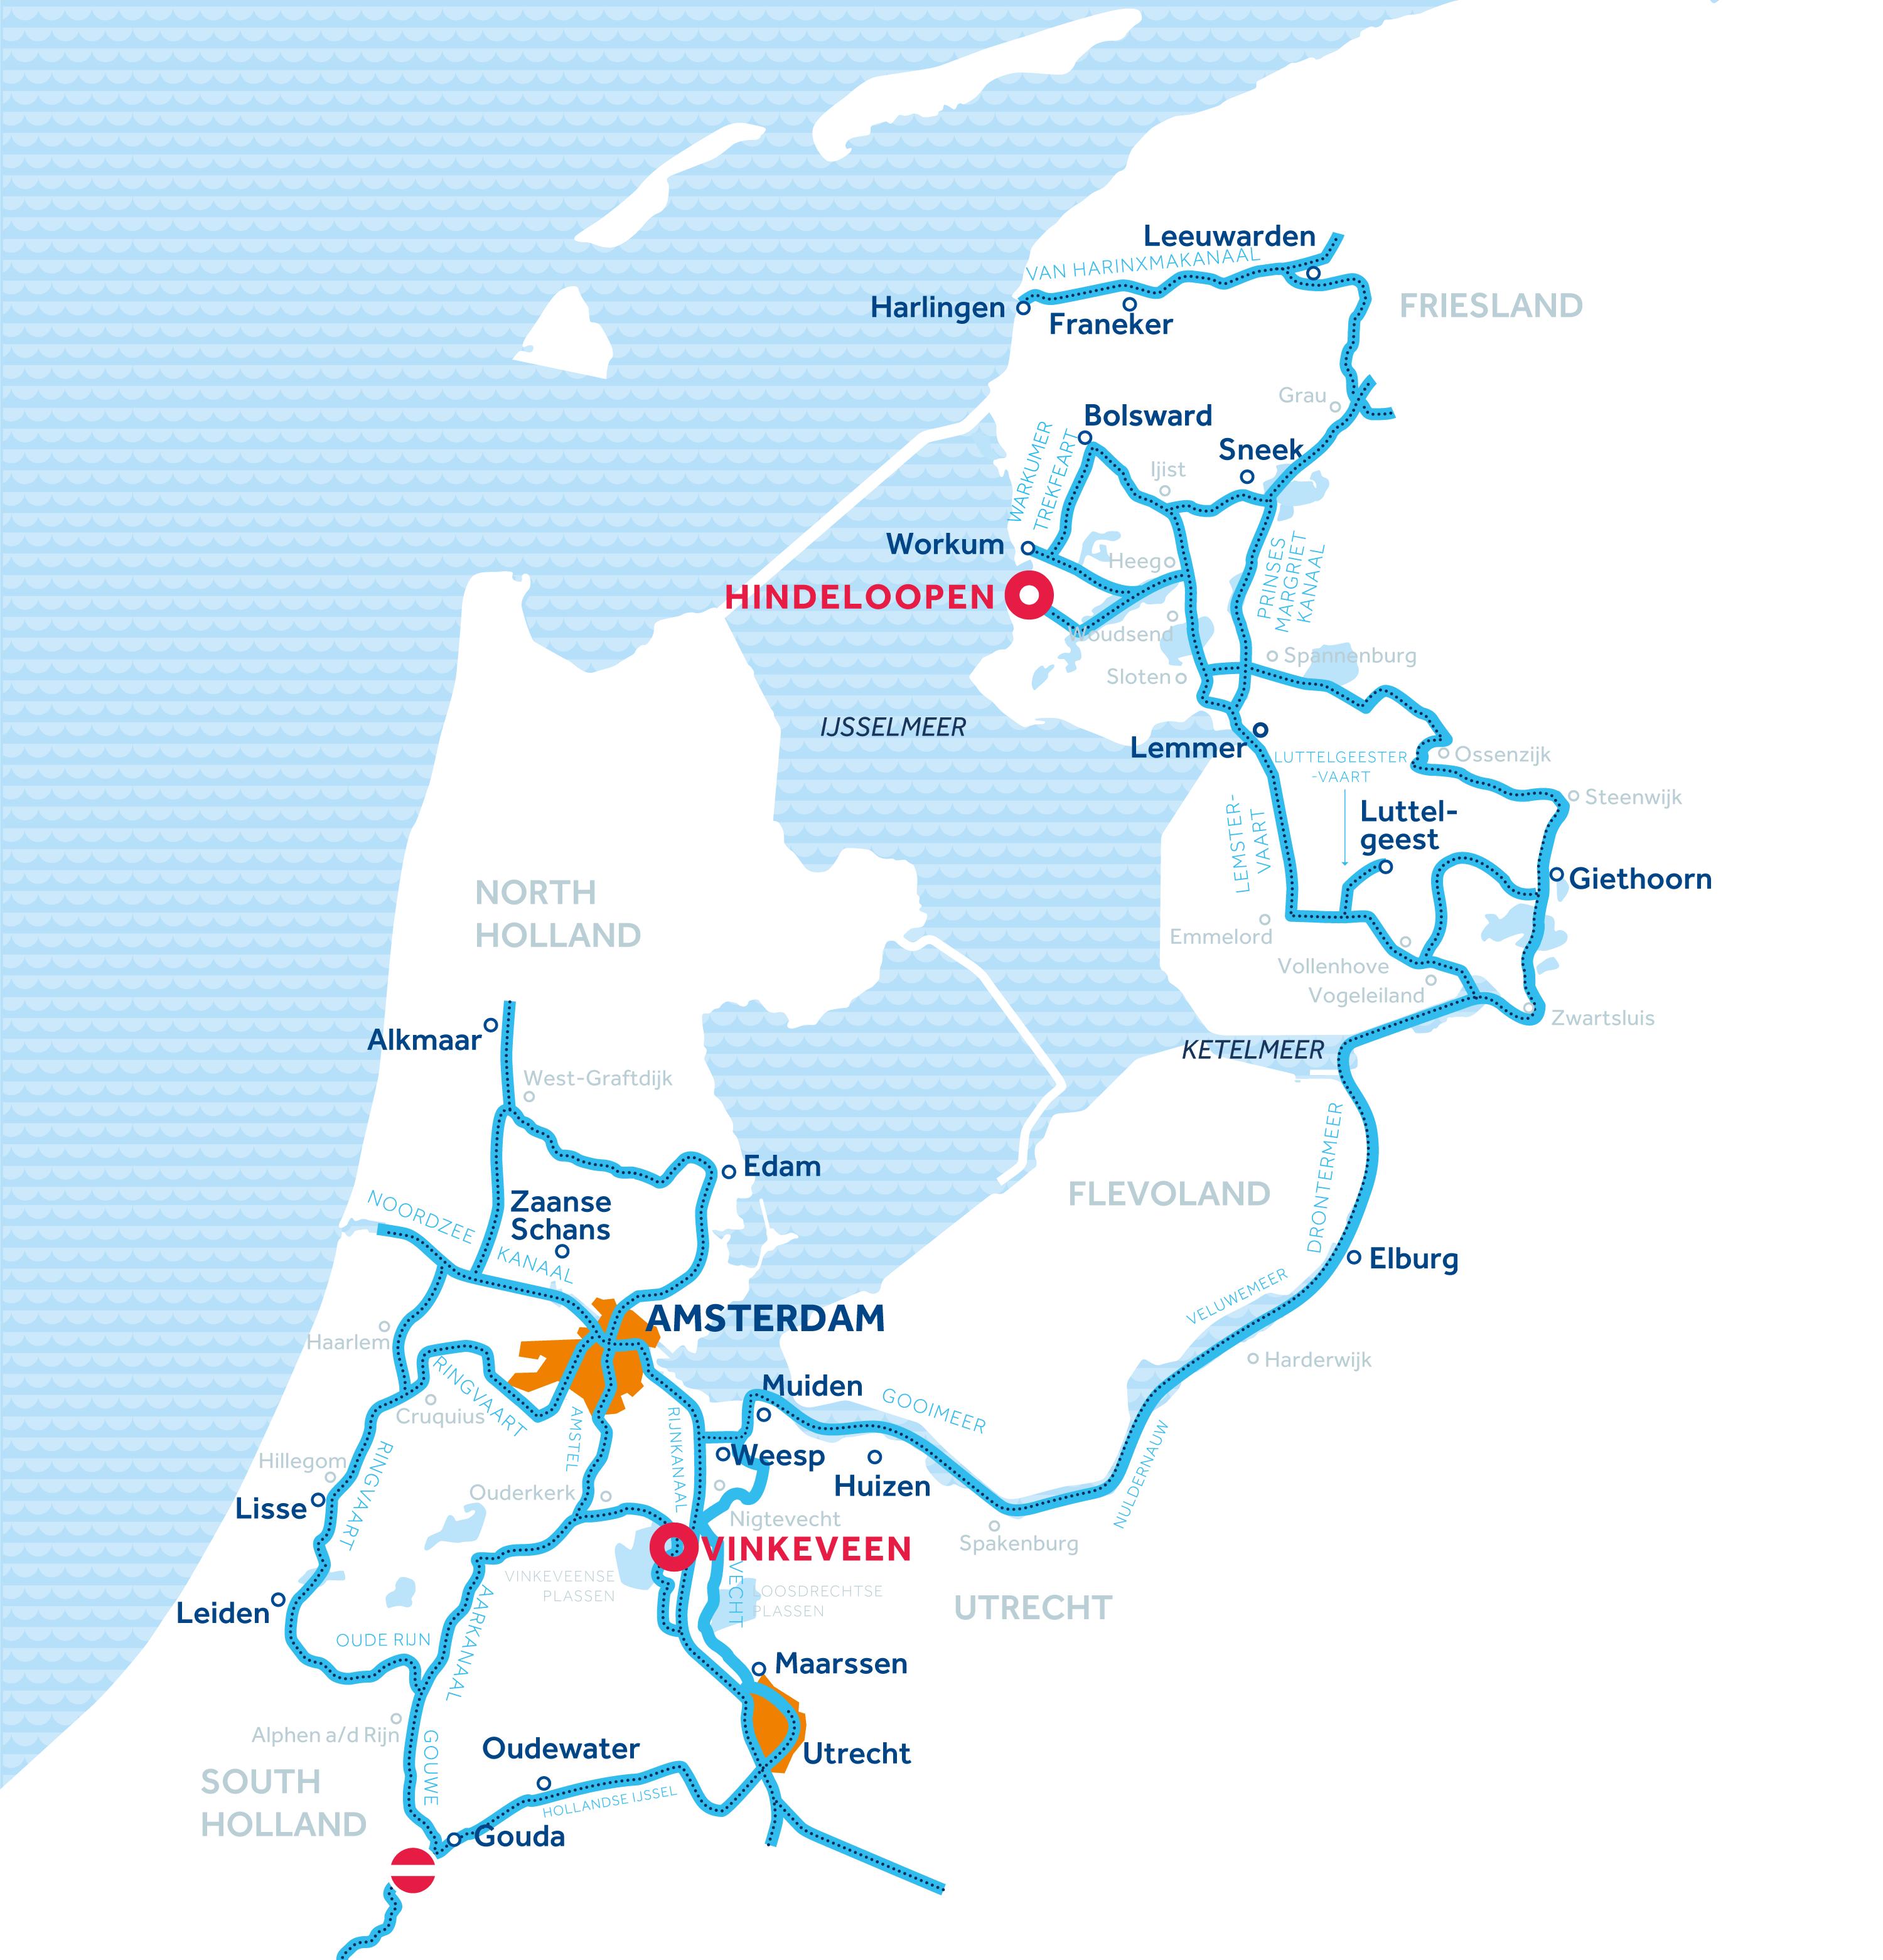 Hindeloopen map